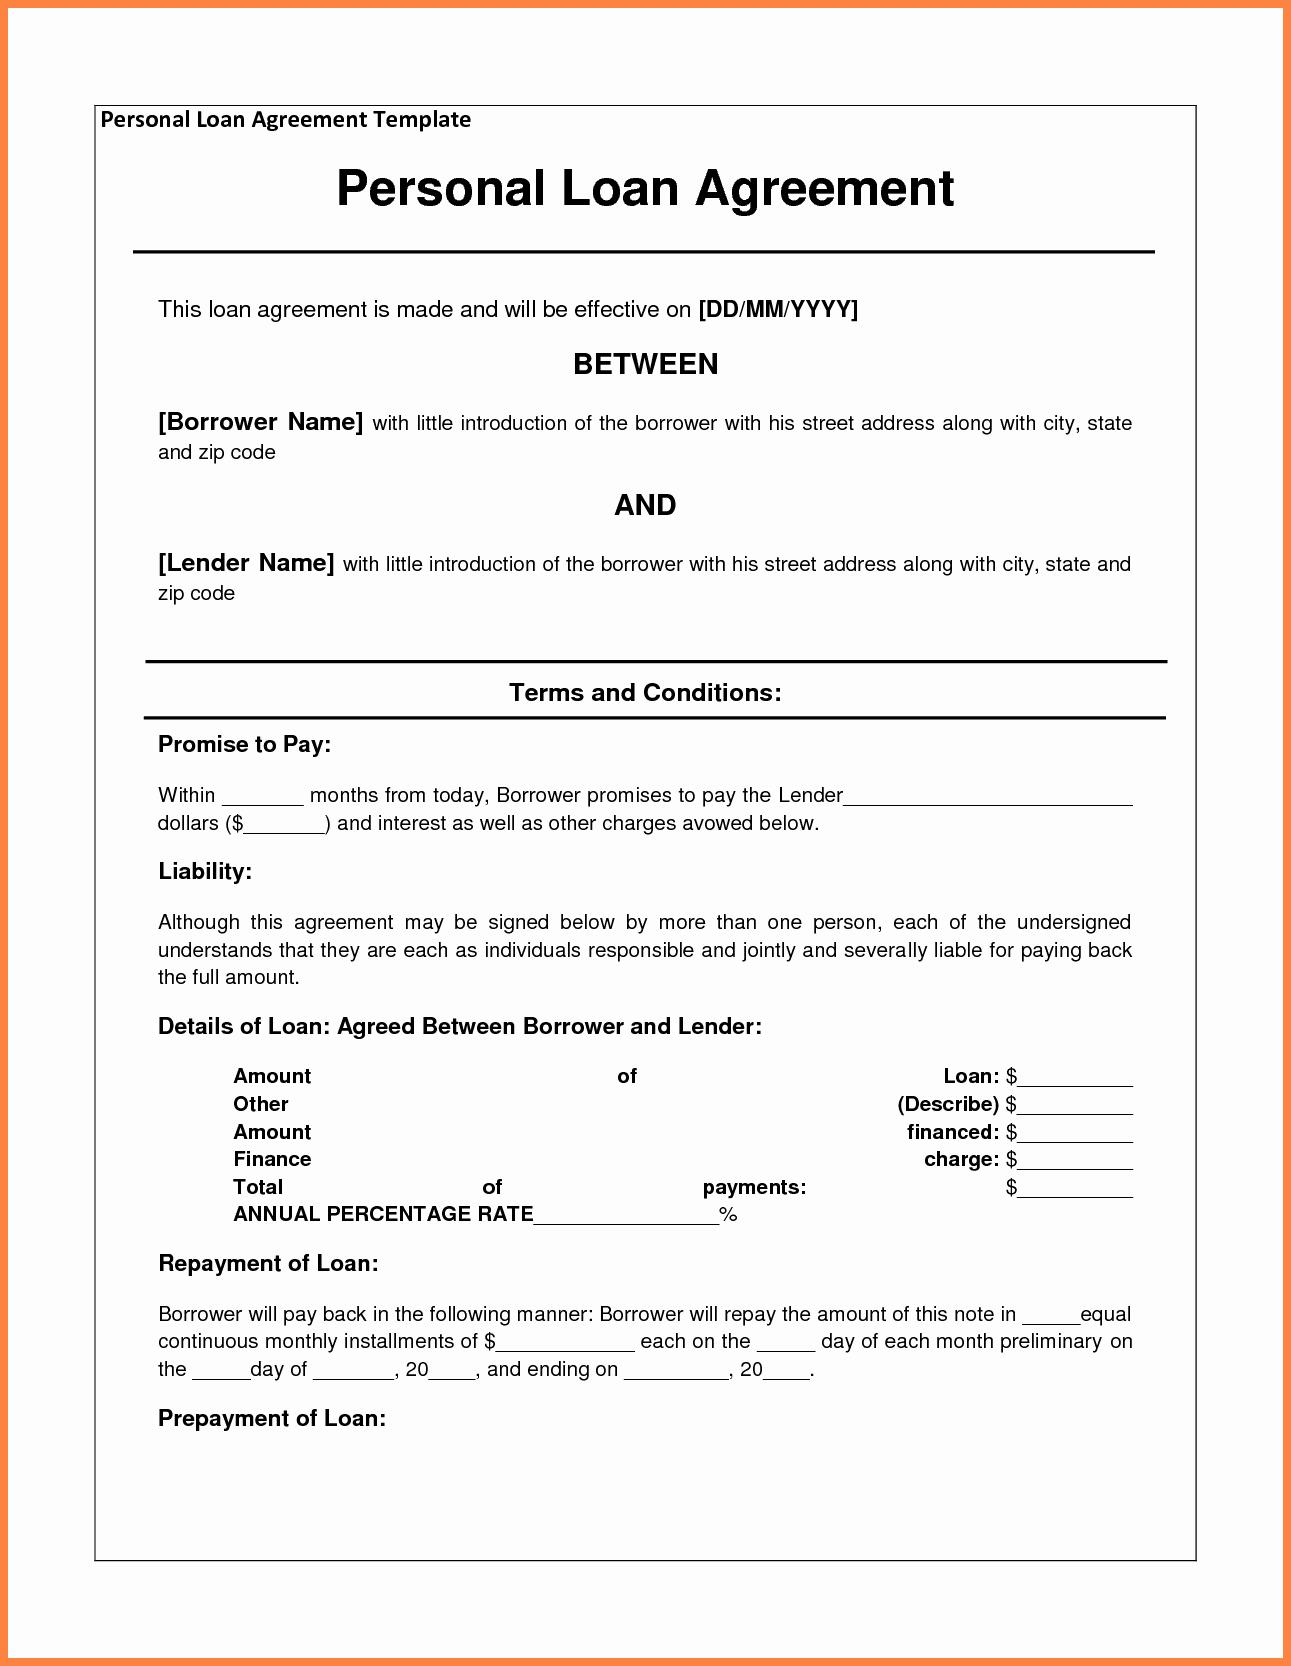 Loan Agreement Between Friends Template Inspirational 4 Personal Loan Agreement Template Between Friends